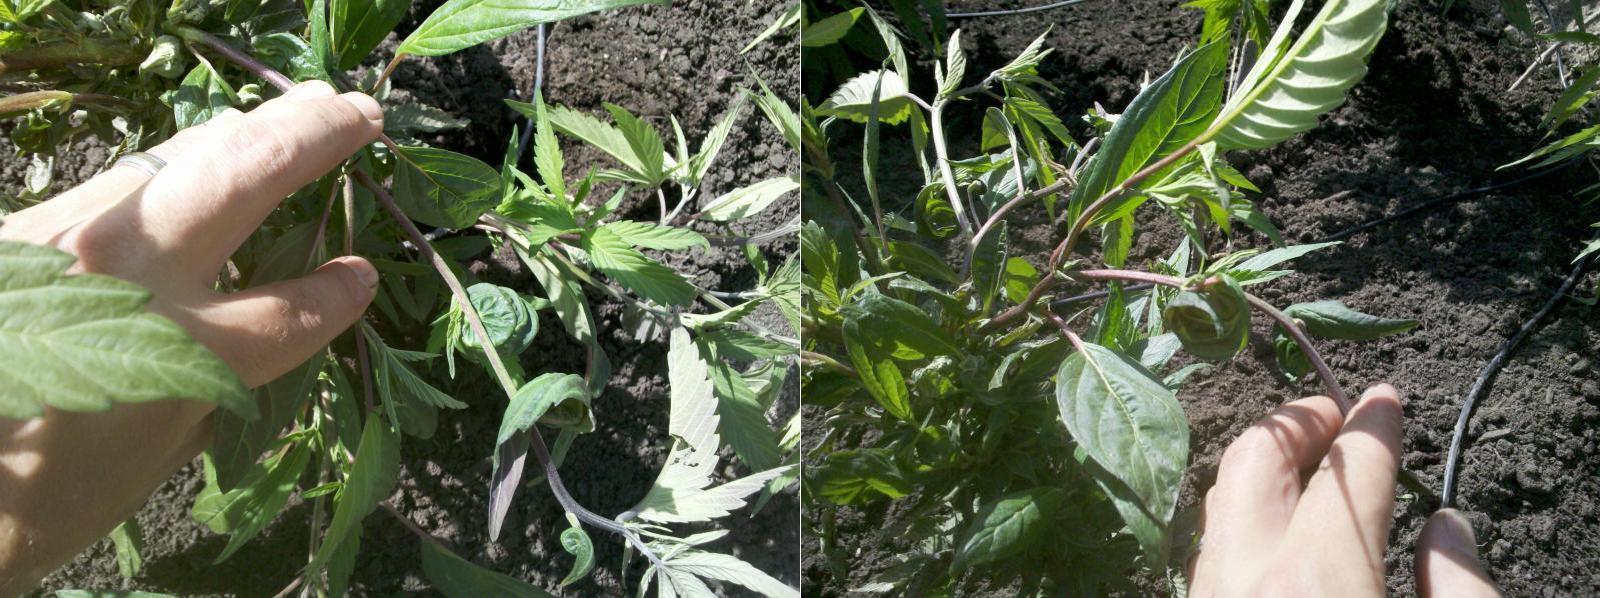 Comment sortir les plantes de cannabis en ext rieur - Faut il couper les jonquilles apres floraison ...